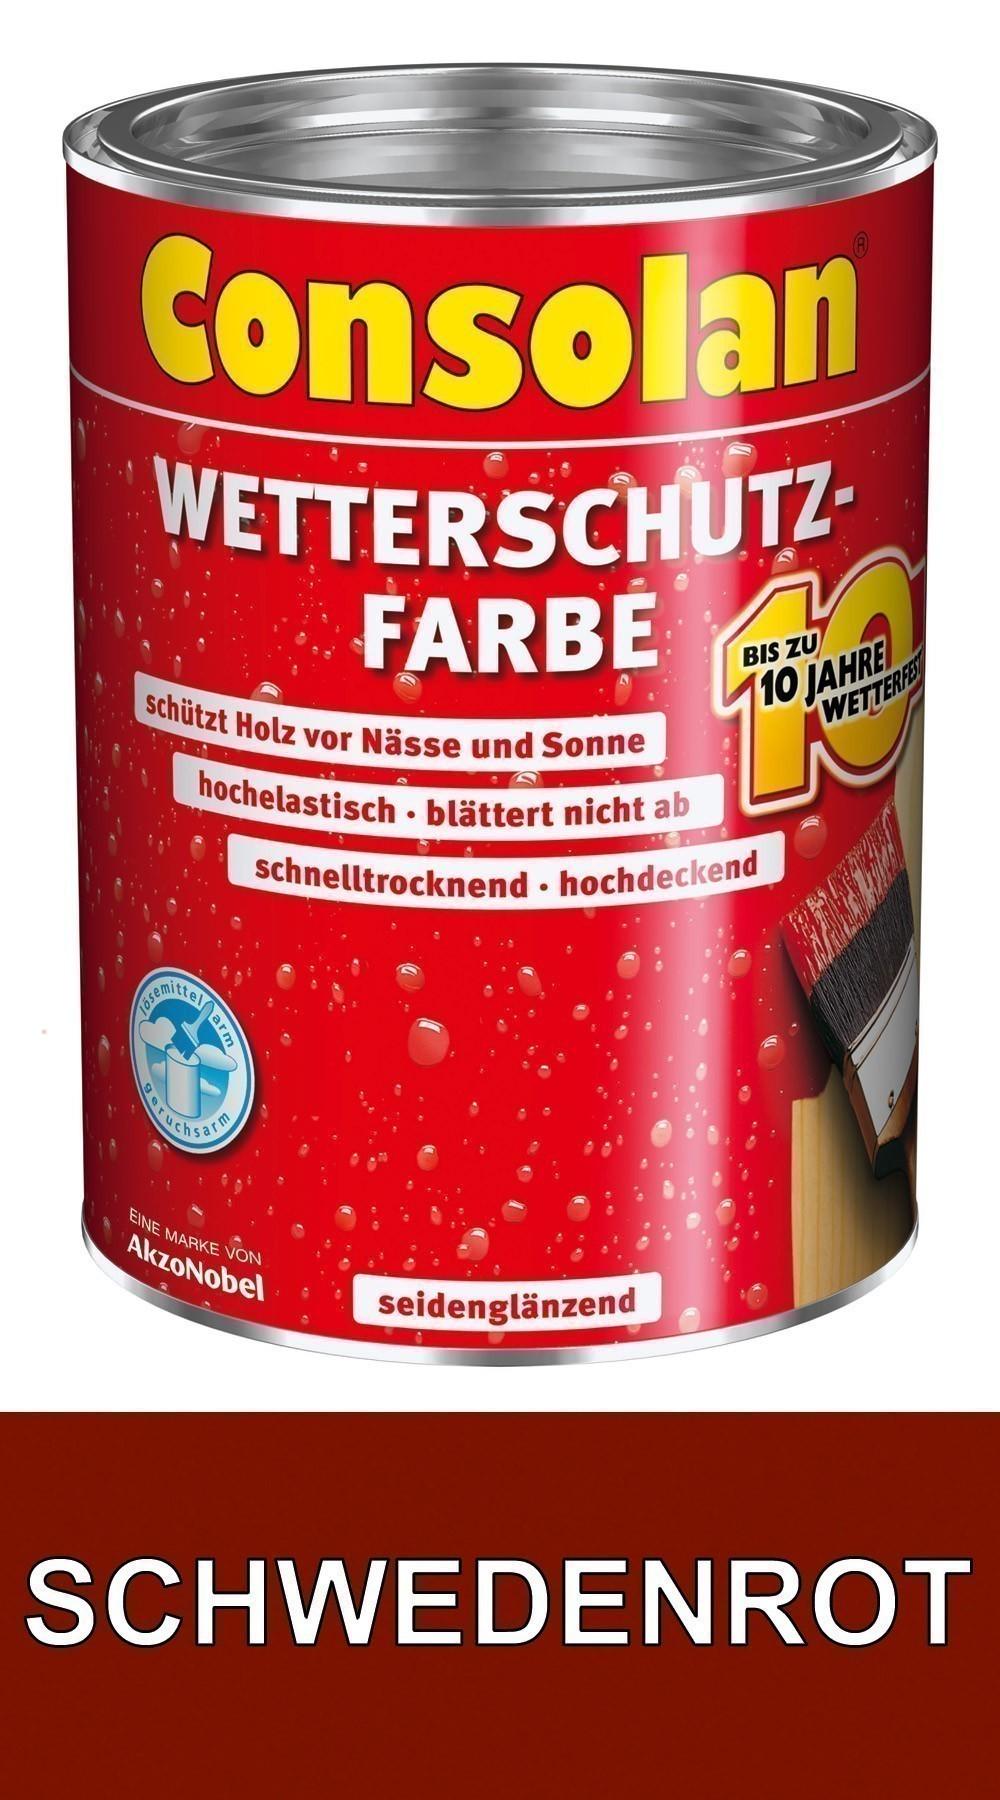 Gartenhaus streichen schwedenrot  Consolan Wetterschutz Farbe schwedenrot 0,75 L - bei edingershops.de